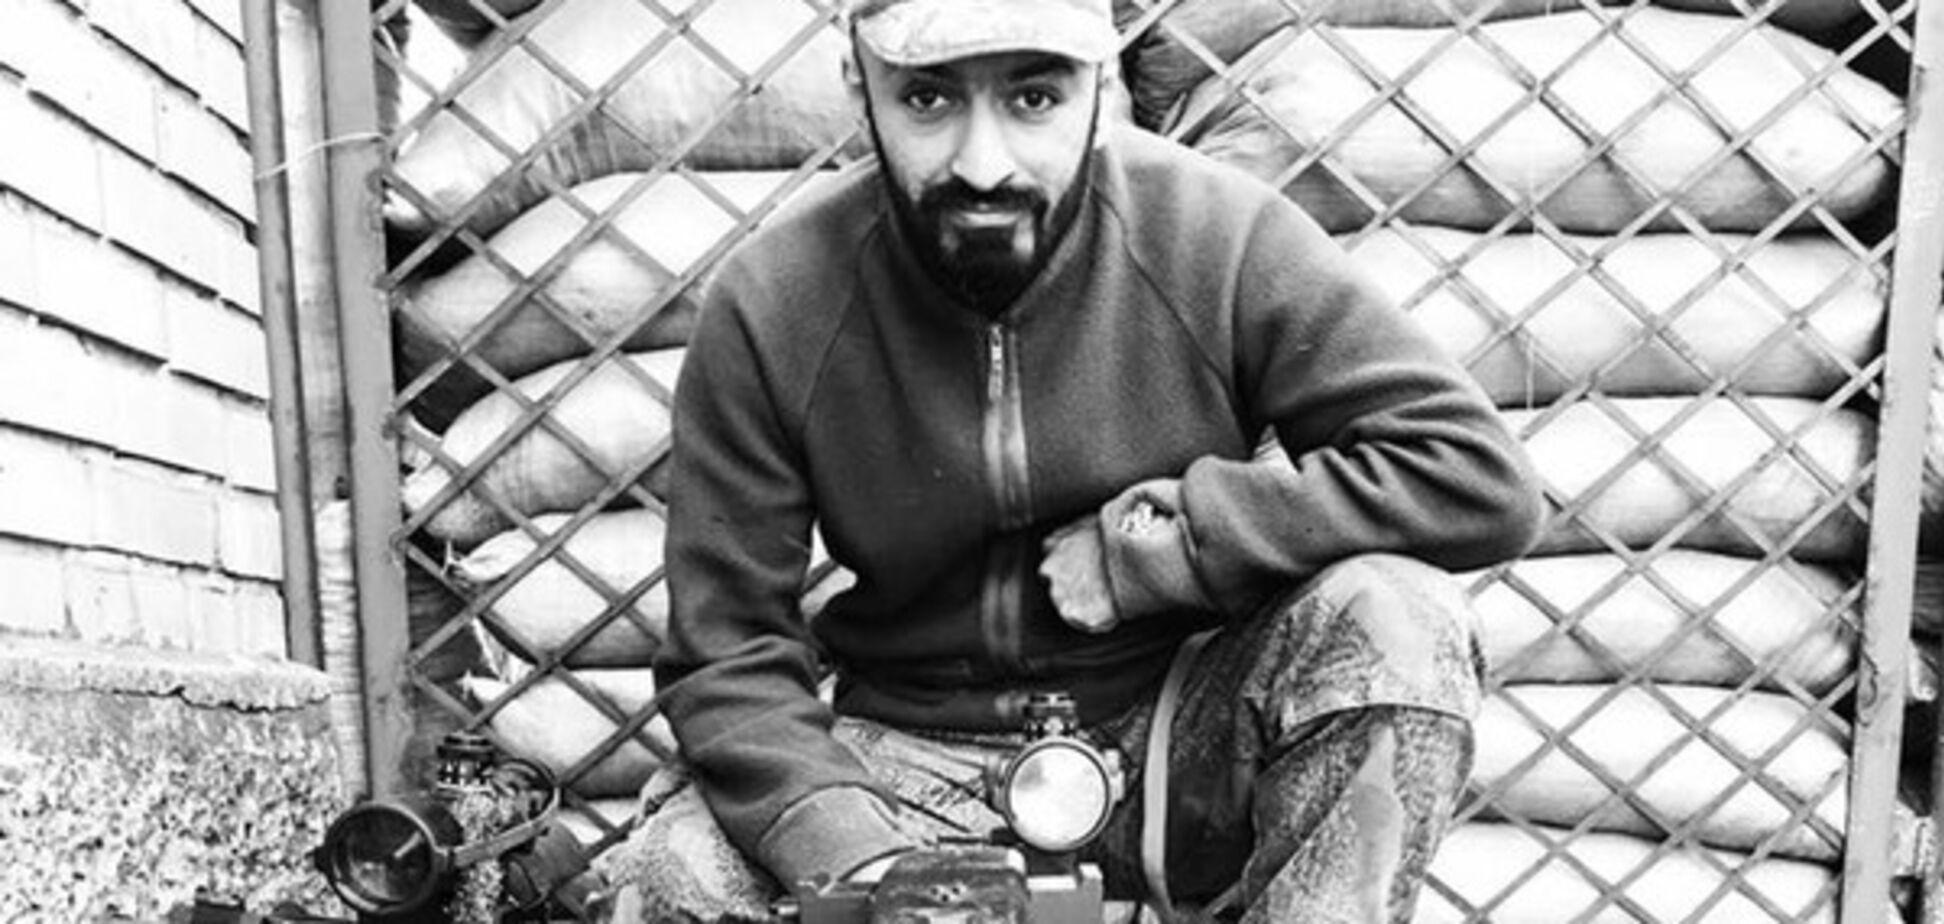 У рамках Статуту: брат Найєма почав голодування в знак протесту